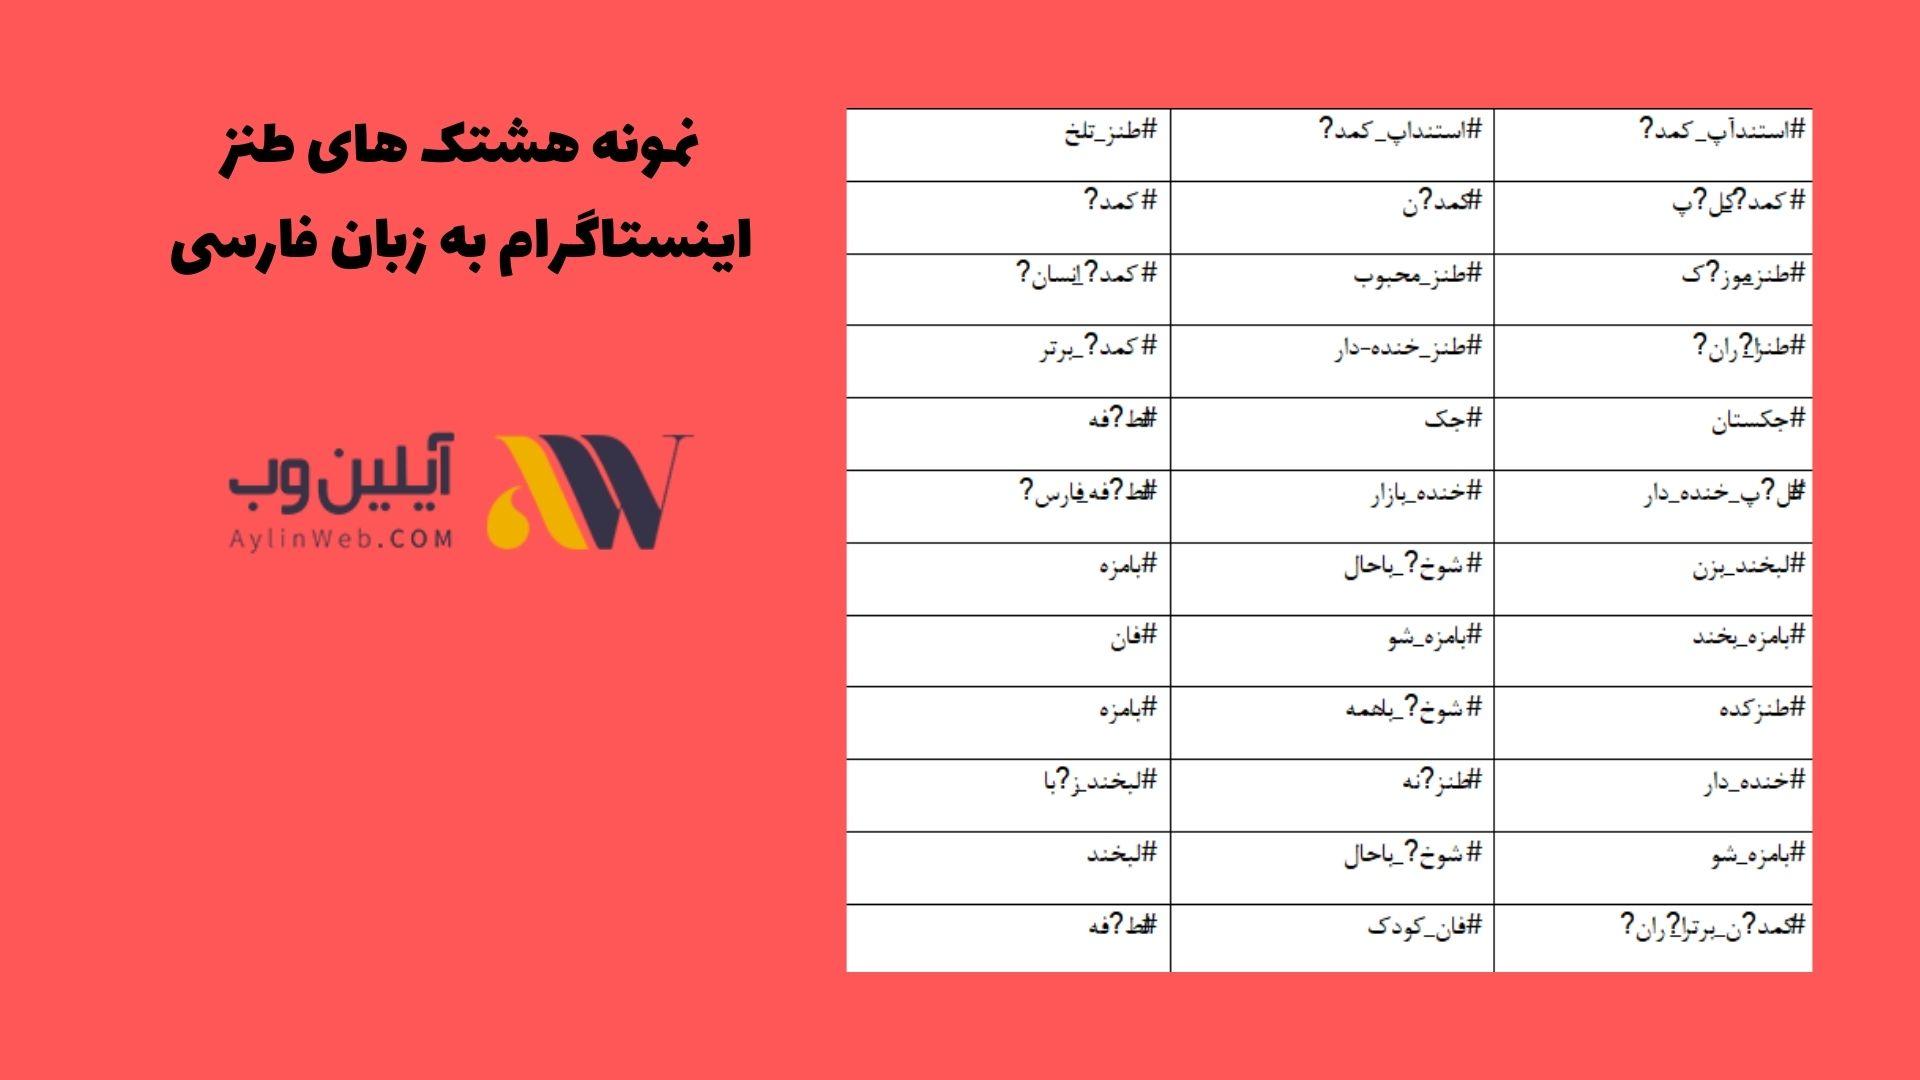 نمونه هشتک های طنز اینستاگرام به زبان فارسی